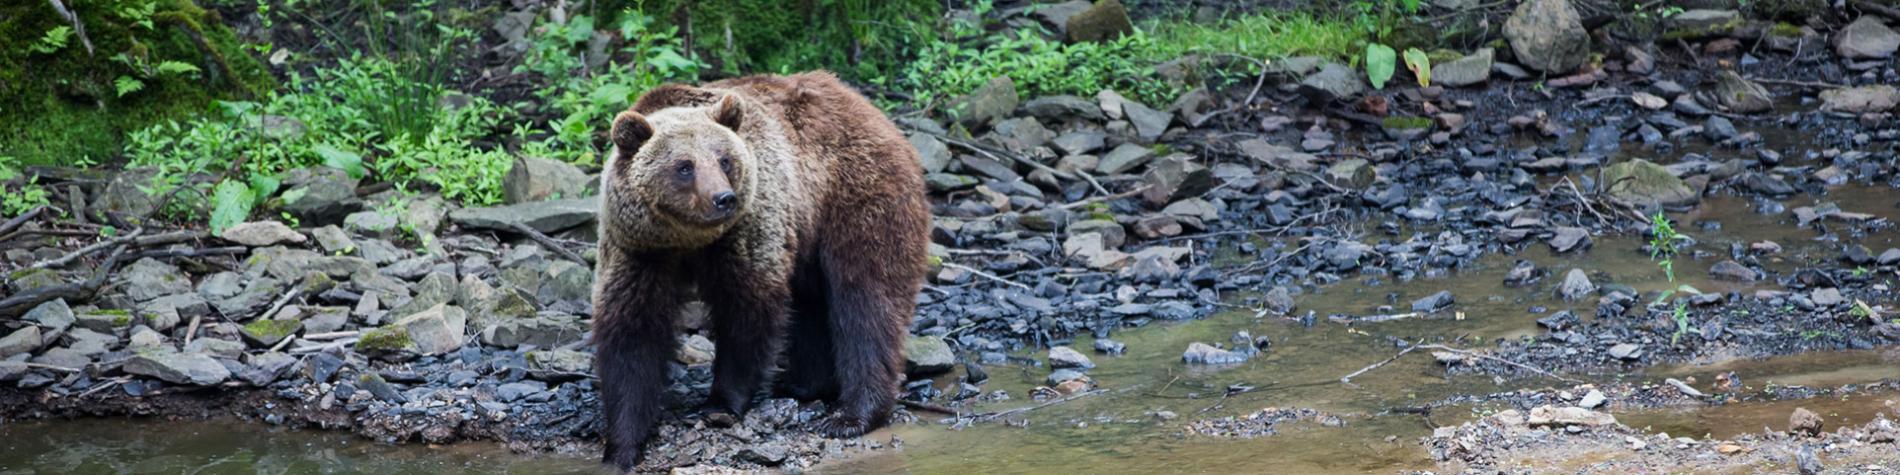 Forestia - parc animalier - parcours aventure - La Reid - animaux - famille - tyroliennes